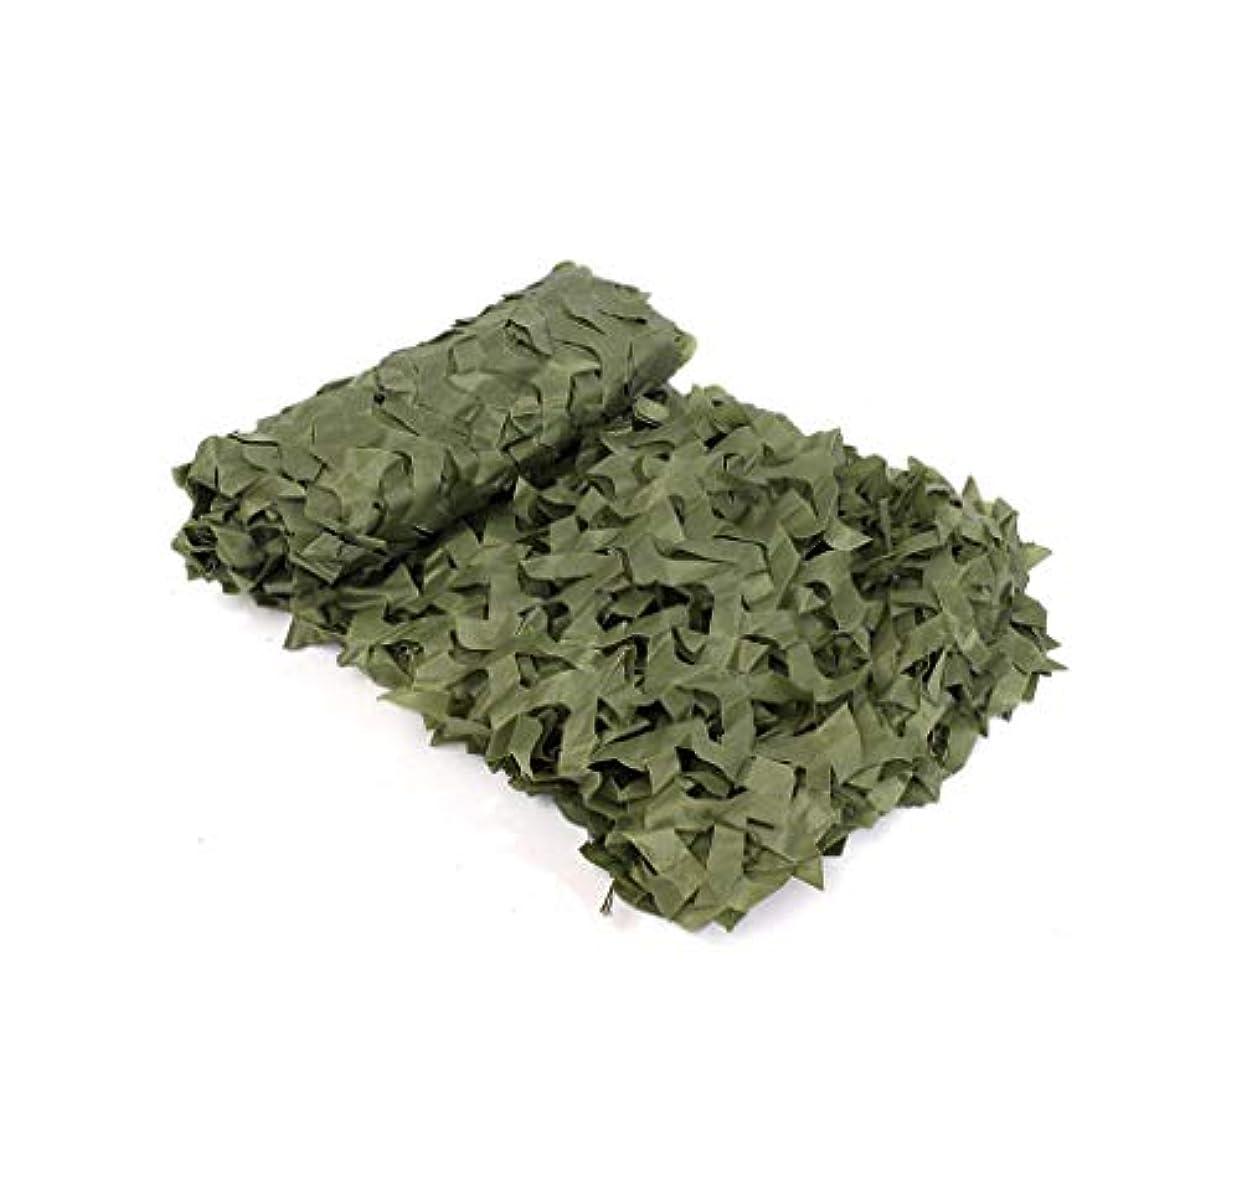 恥ずかしさ飼い慣らす不透明な迷彩ネット 純粋な緑の迷彩ネット保護野外ハロウィン陸軍森林キャンプ/ 2M 3M 10M キャンプ (Size : 8m*10m)